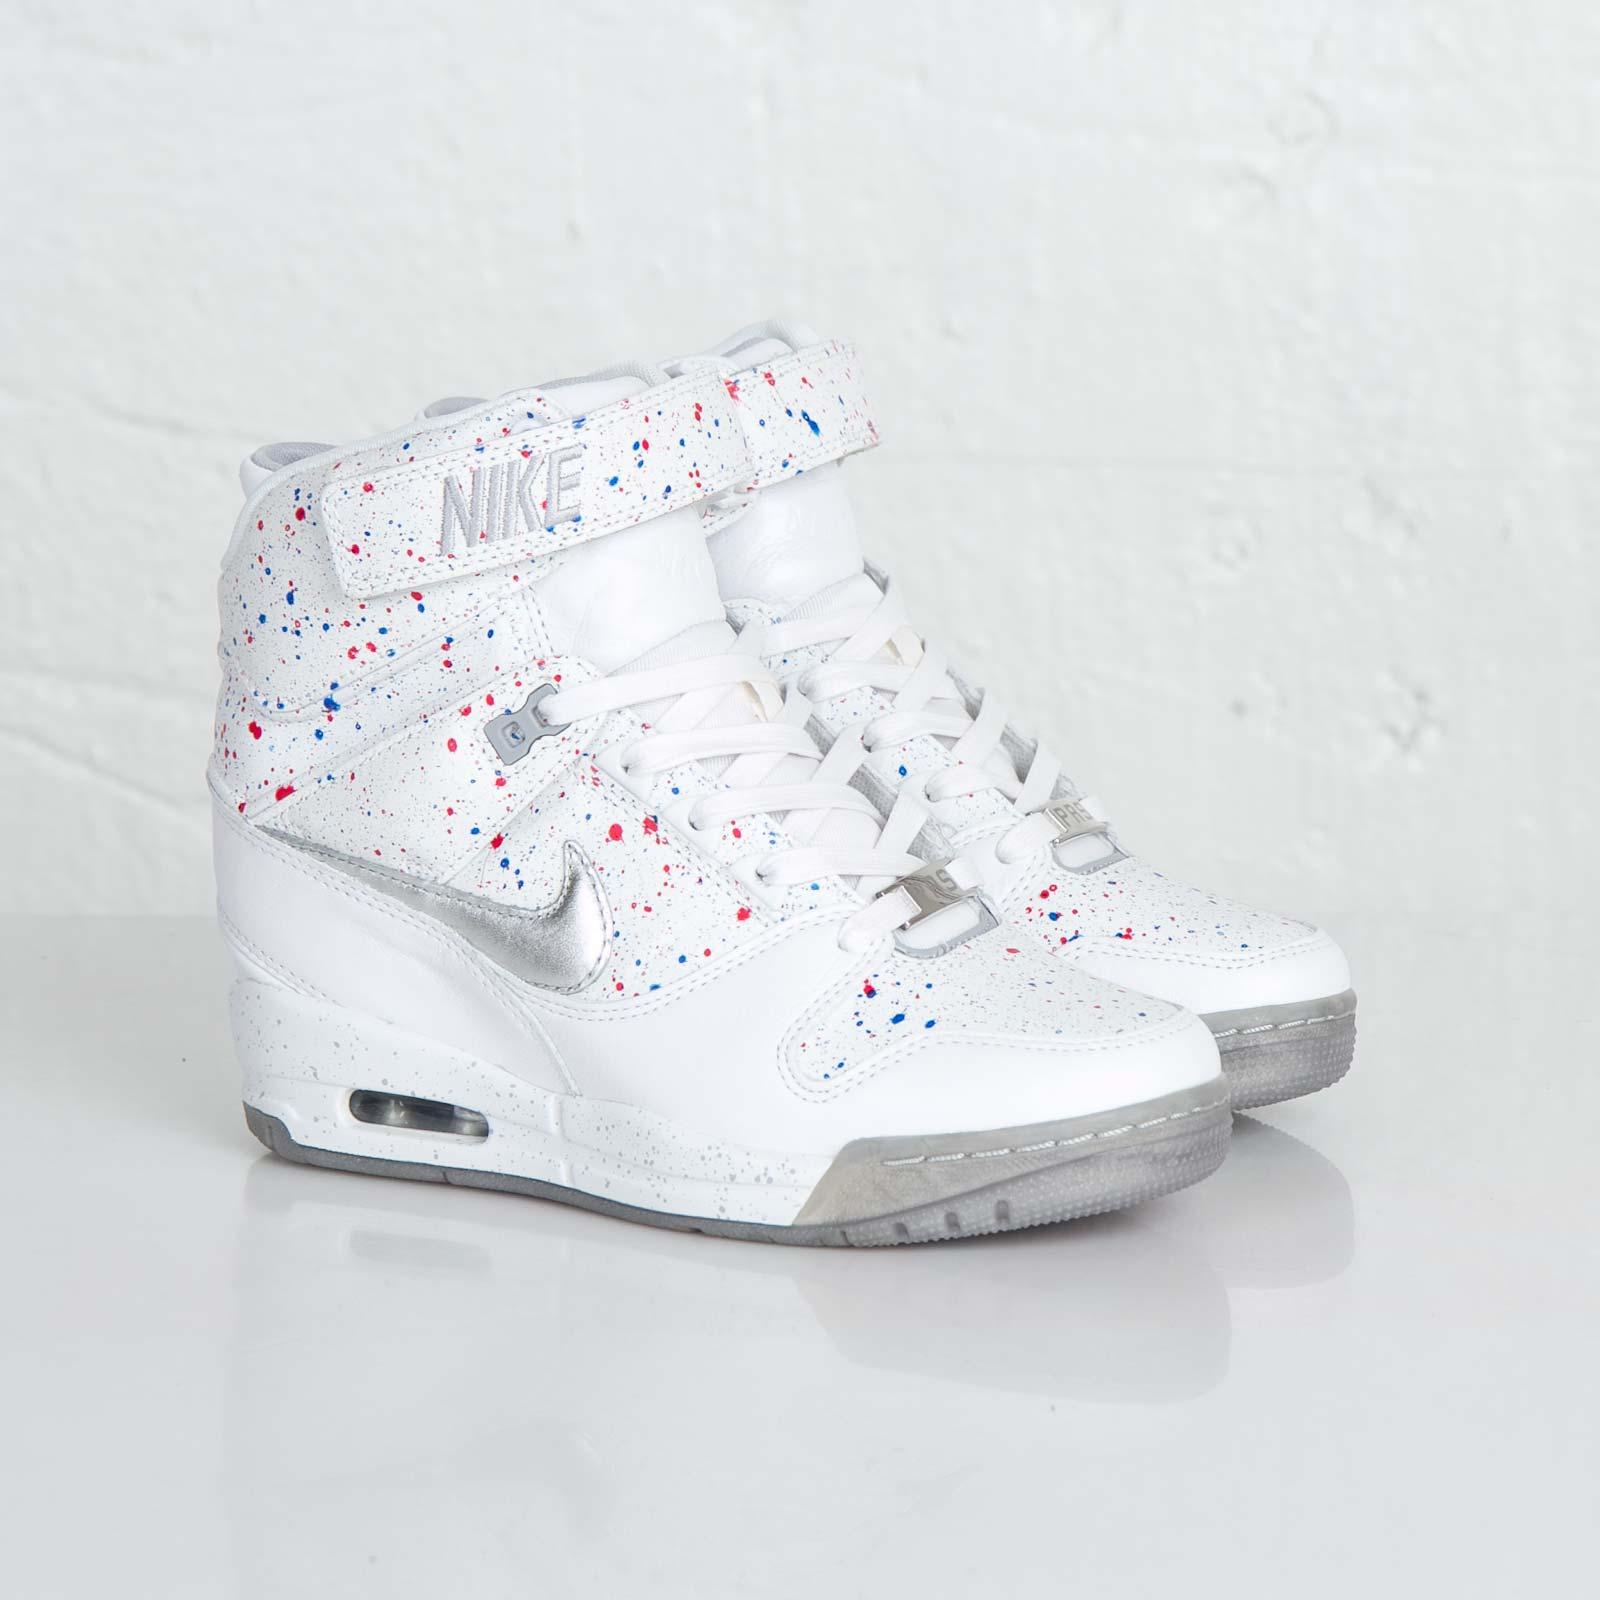 Nike Premium Révolution Air-tops Et Hauts Chaussures De Sport pcDmg